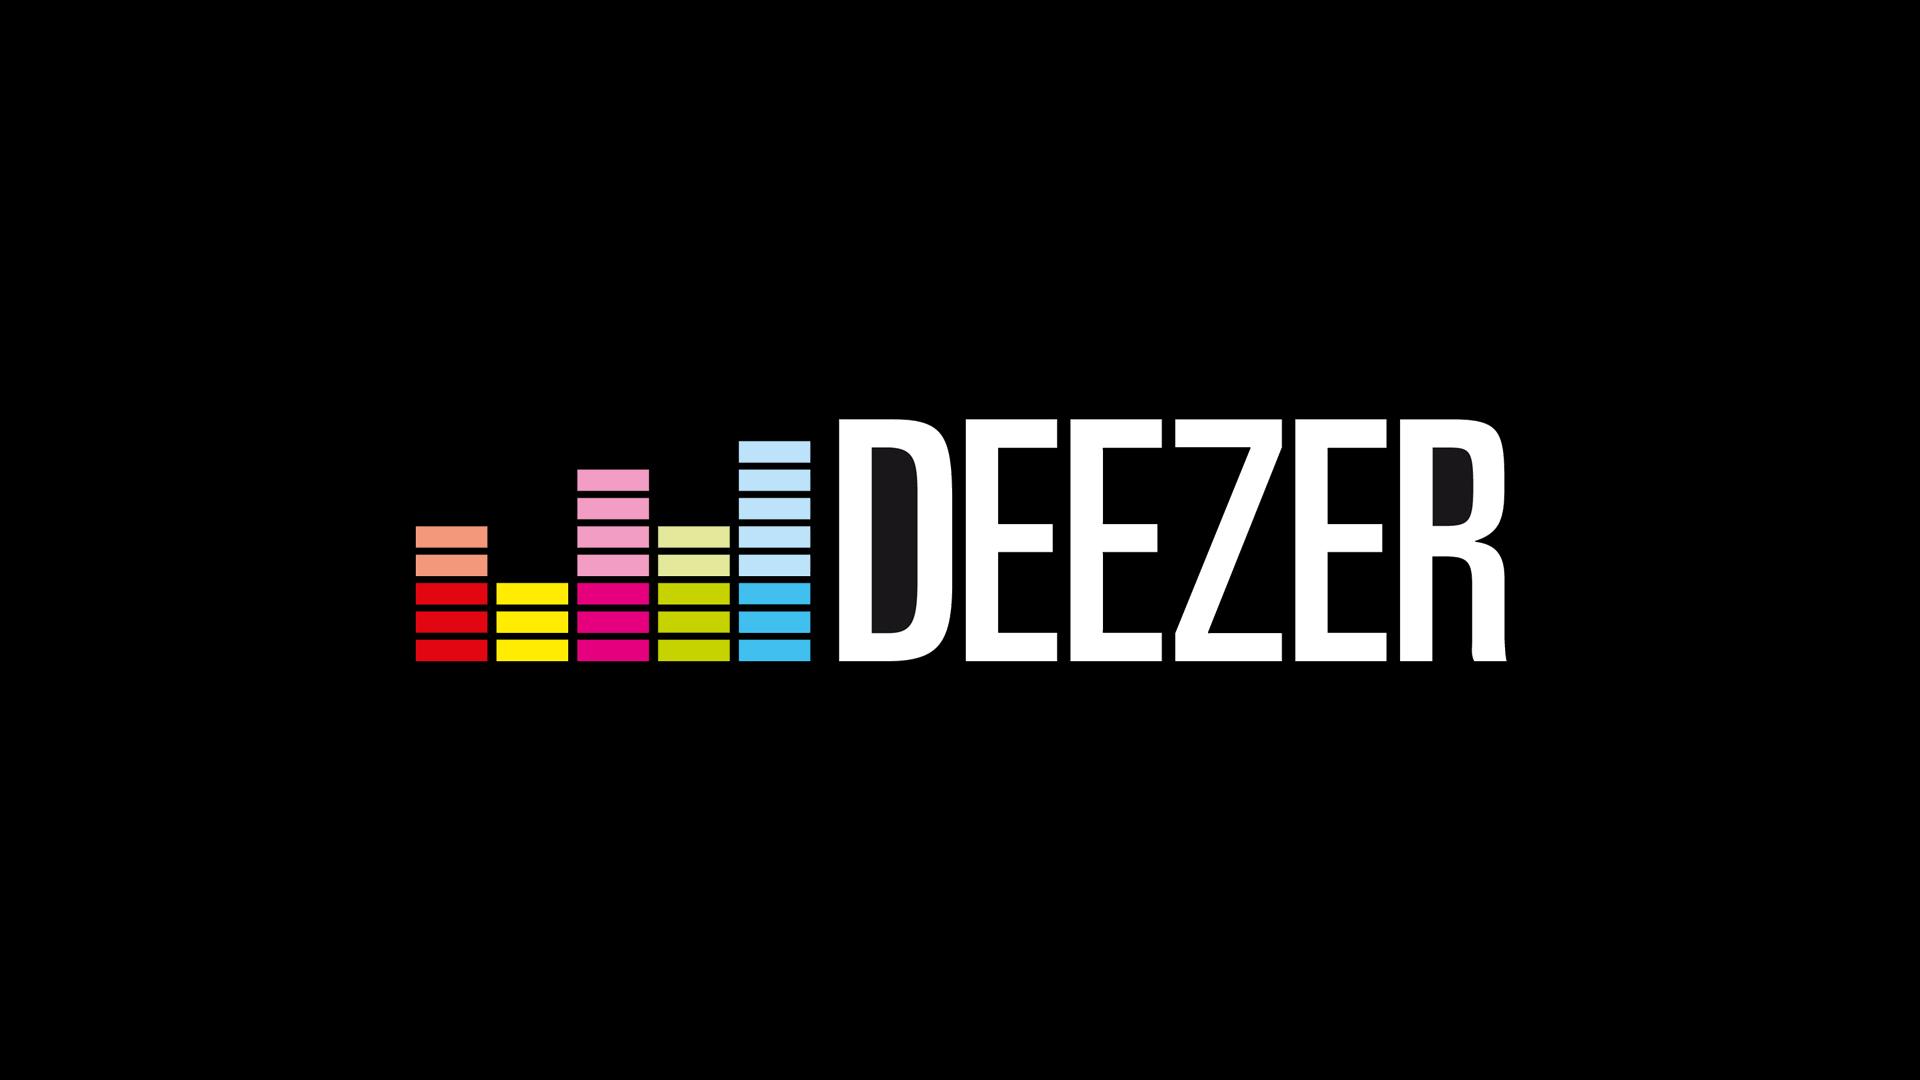 """Résultat de recherche d'images pour """"deezer"""""""